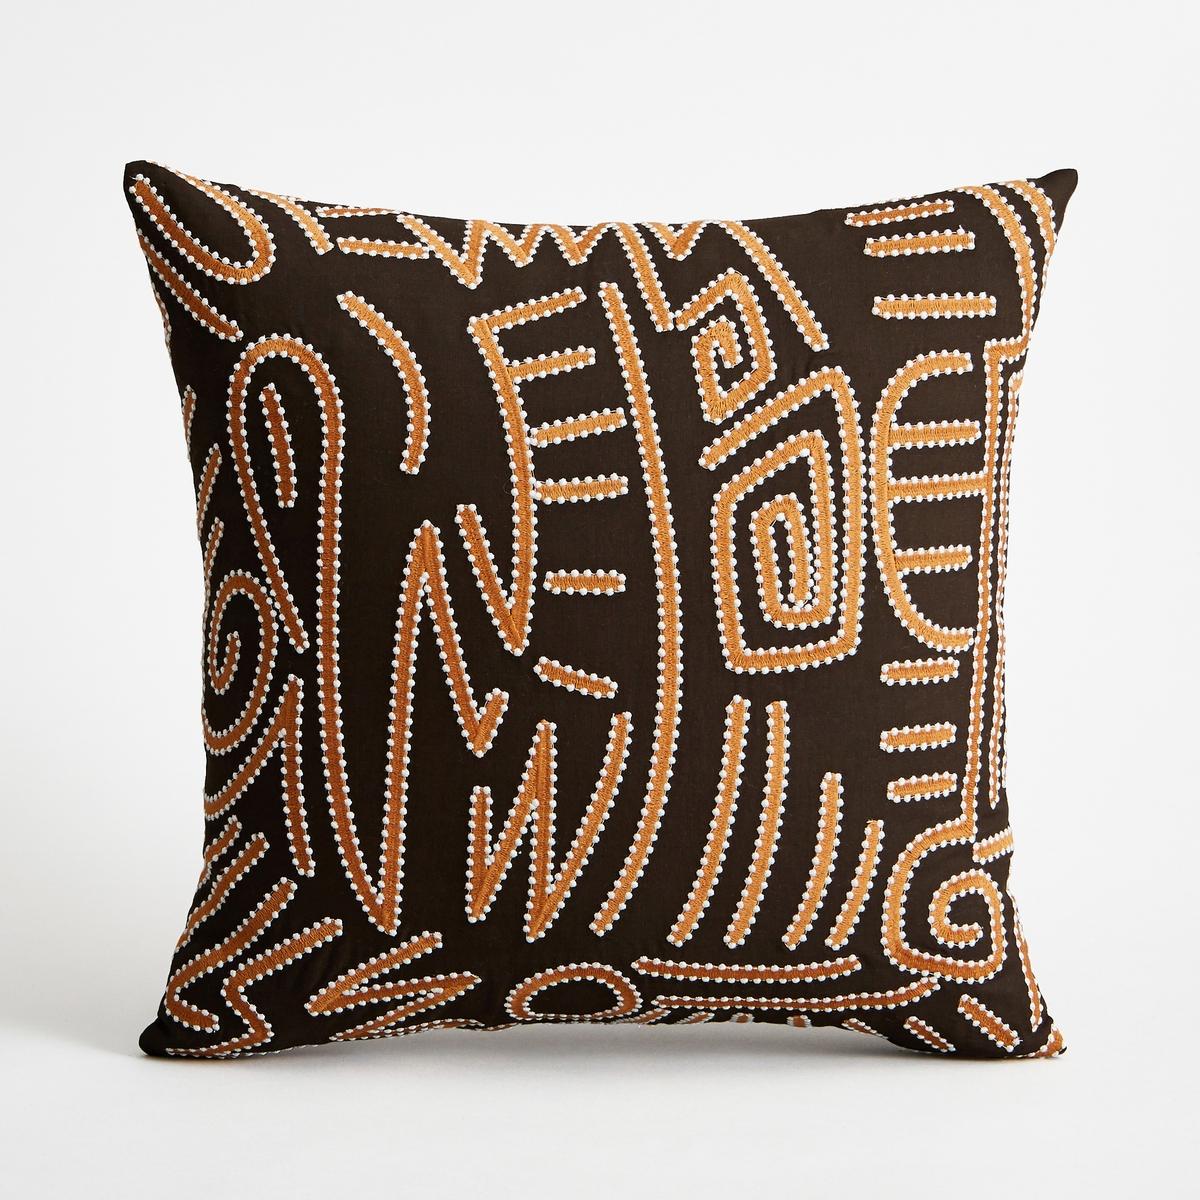 Чехол для подушки MAKURIЧехол для подушки Makuri с орнаментом в стиле рисунков аборигенов. Лицевая сторона с вышивкой, оборотная сторона однотонная, чёрного цвета. Застежка на молнию.Состав:- 100% хлопок на подкладке.- Машинная стирка при 30 °С.Размеры :- 45 x 45 см.Подушка продается отдельно на сайте.<br><br>Цвет: черный